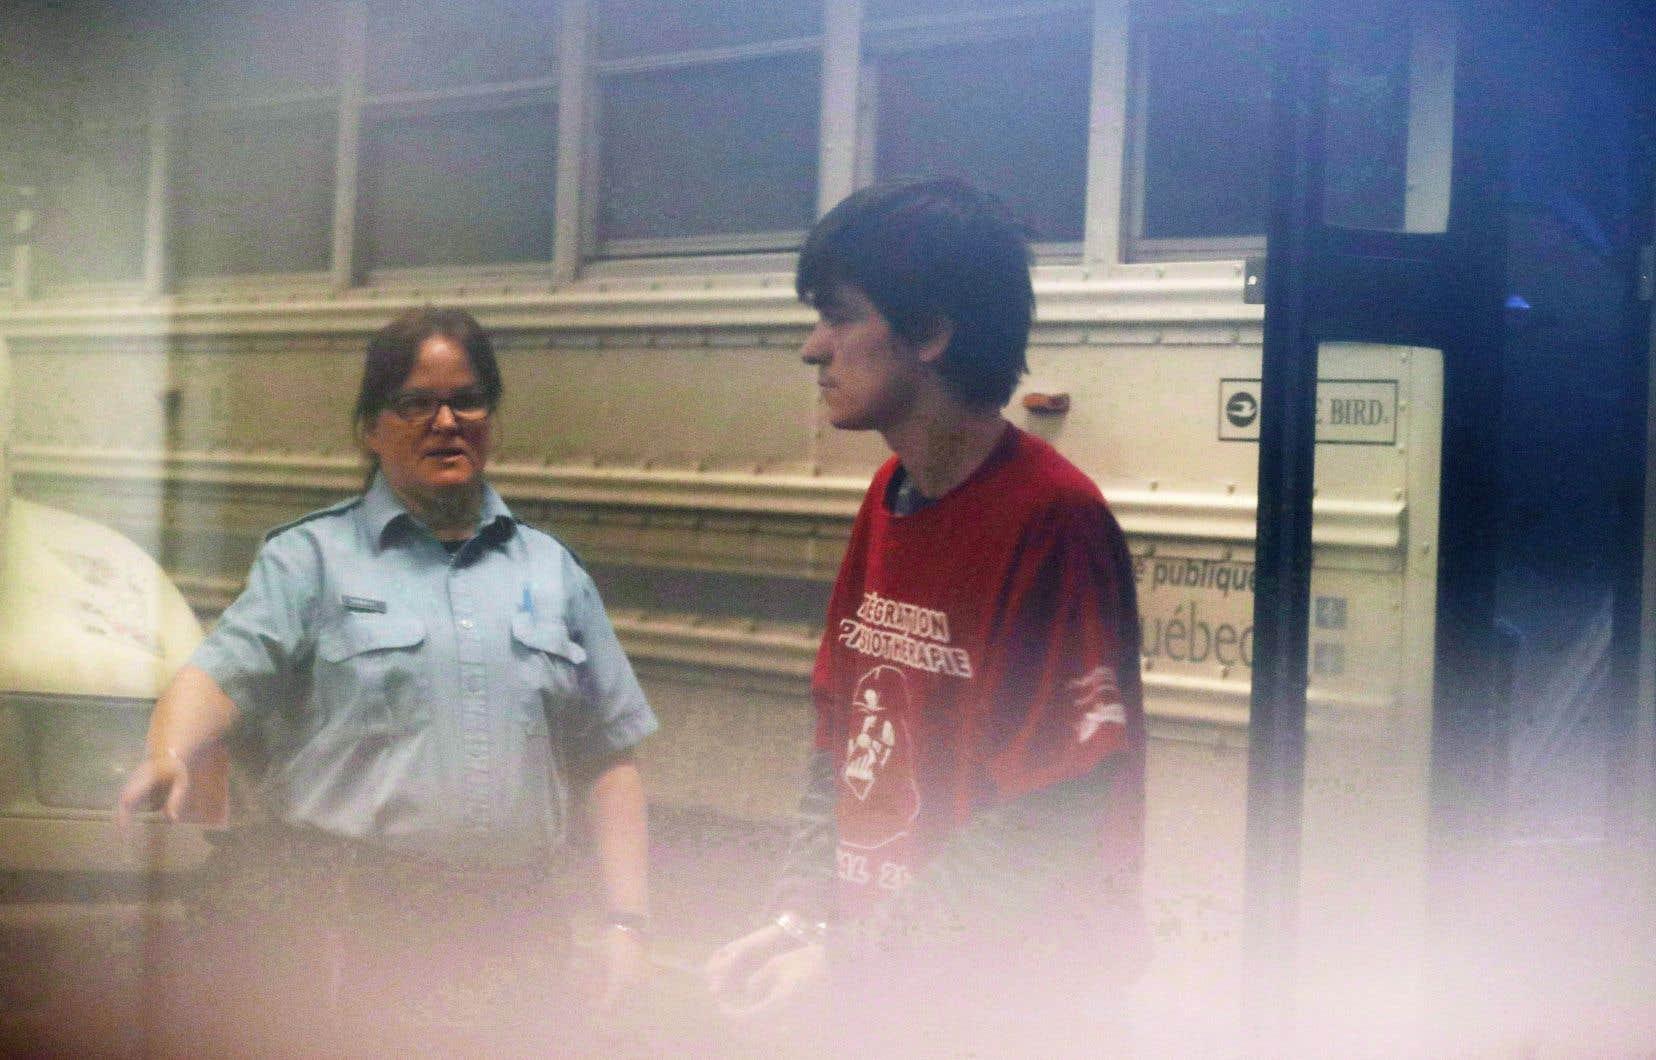 Le 27 novembre dernier, la Cour d'appel du Québec a recommandé que la peine imposée à Alexandre Bissonnette soit ramenée à la prison à vie sans possibilité de libération conditionnelle avant 25 ans.